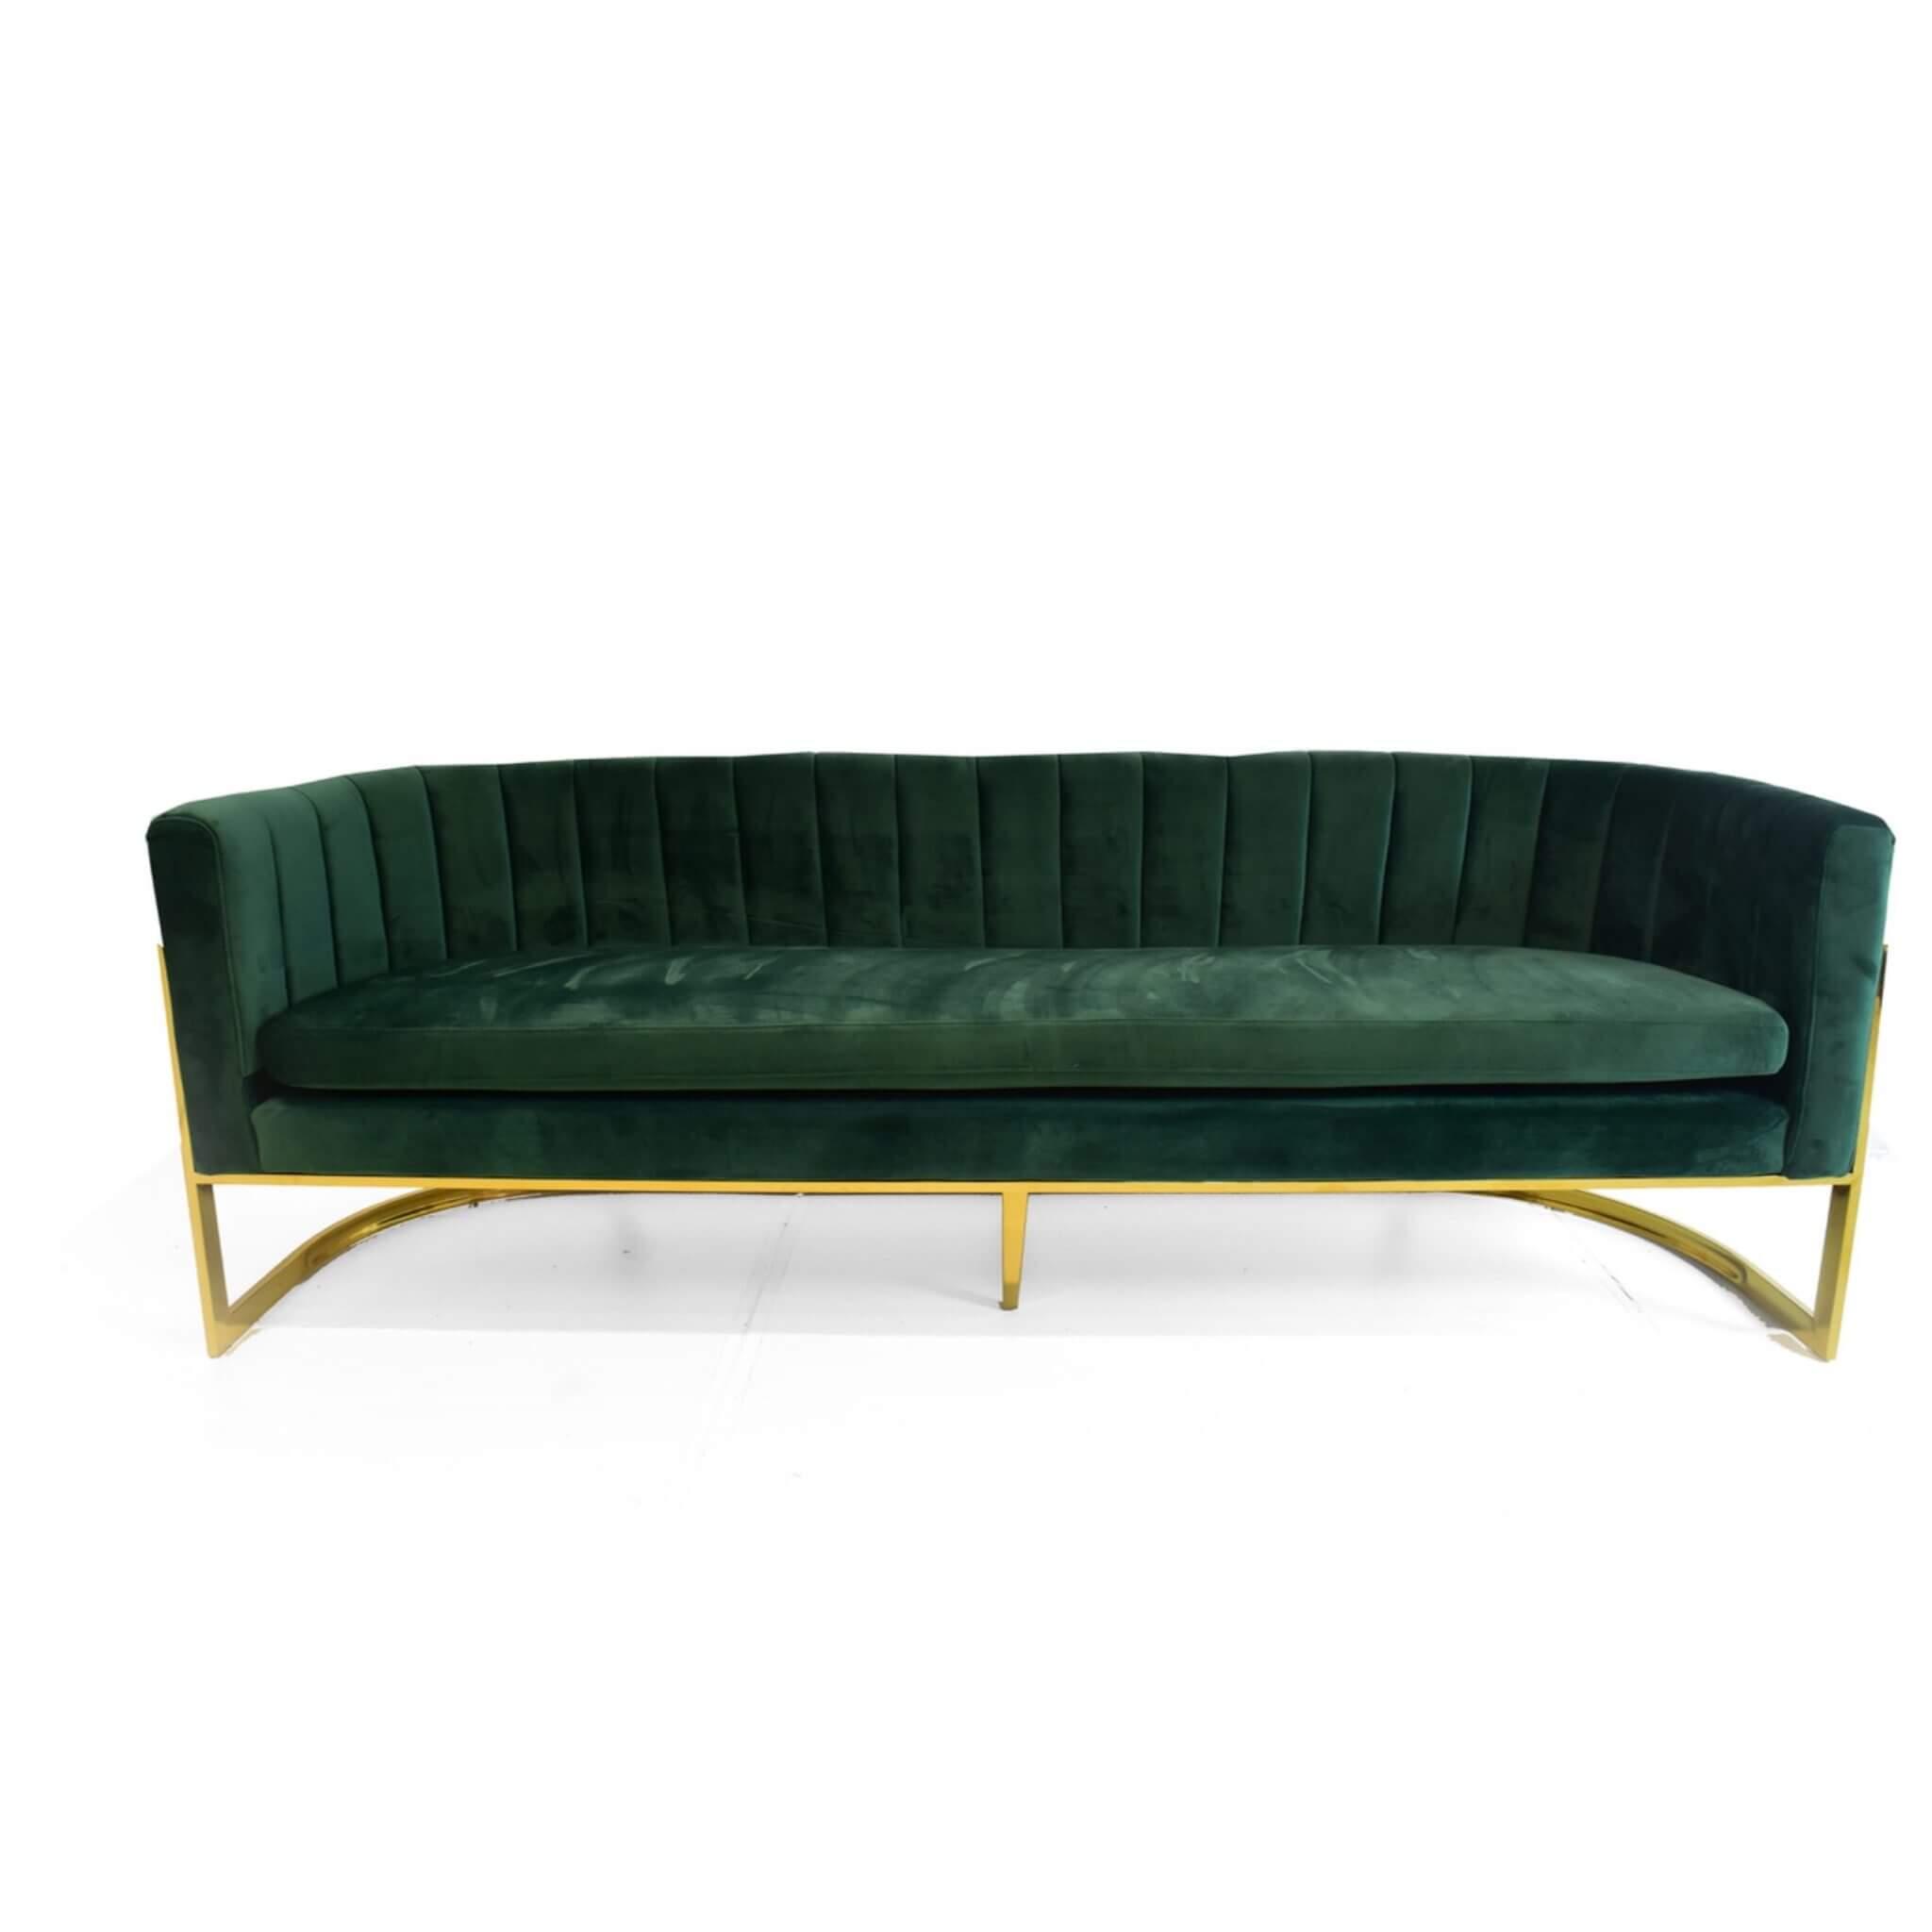 Emporium Green Sofa Glam Party Rentals